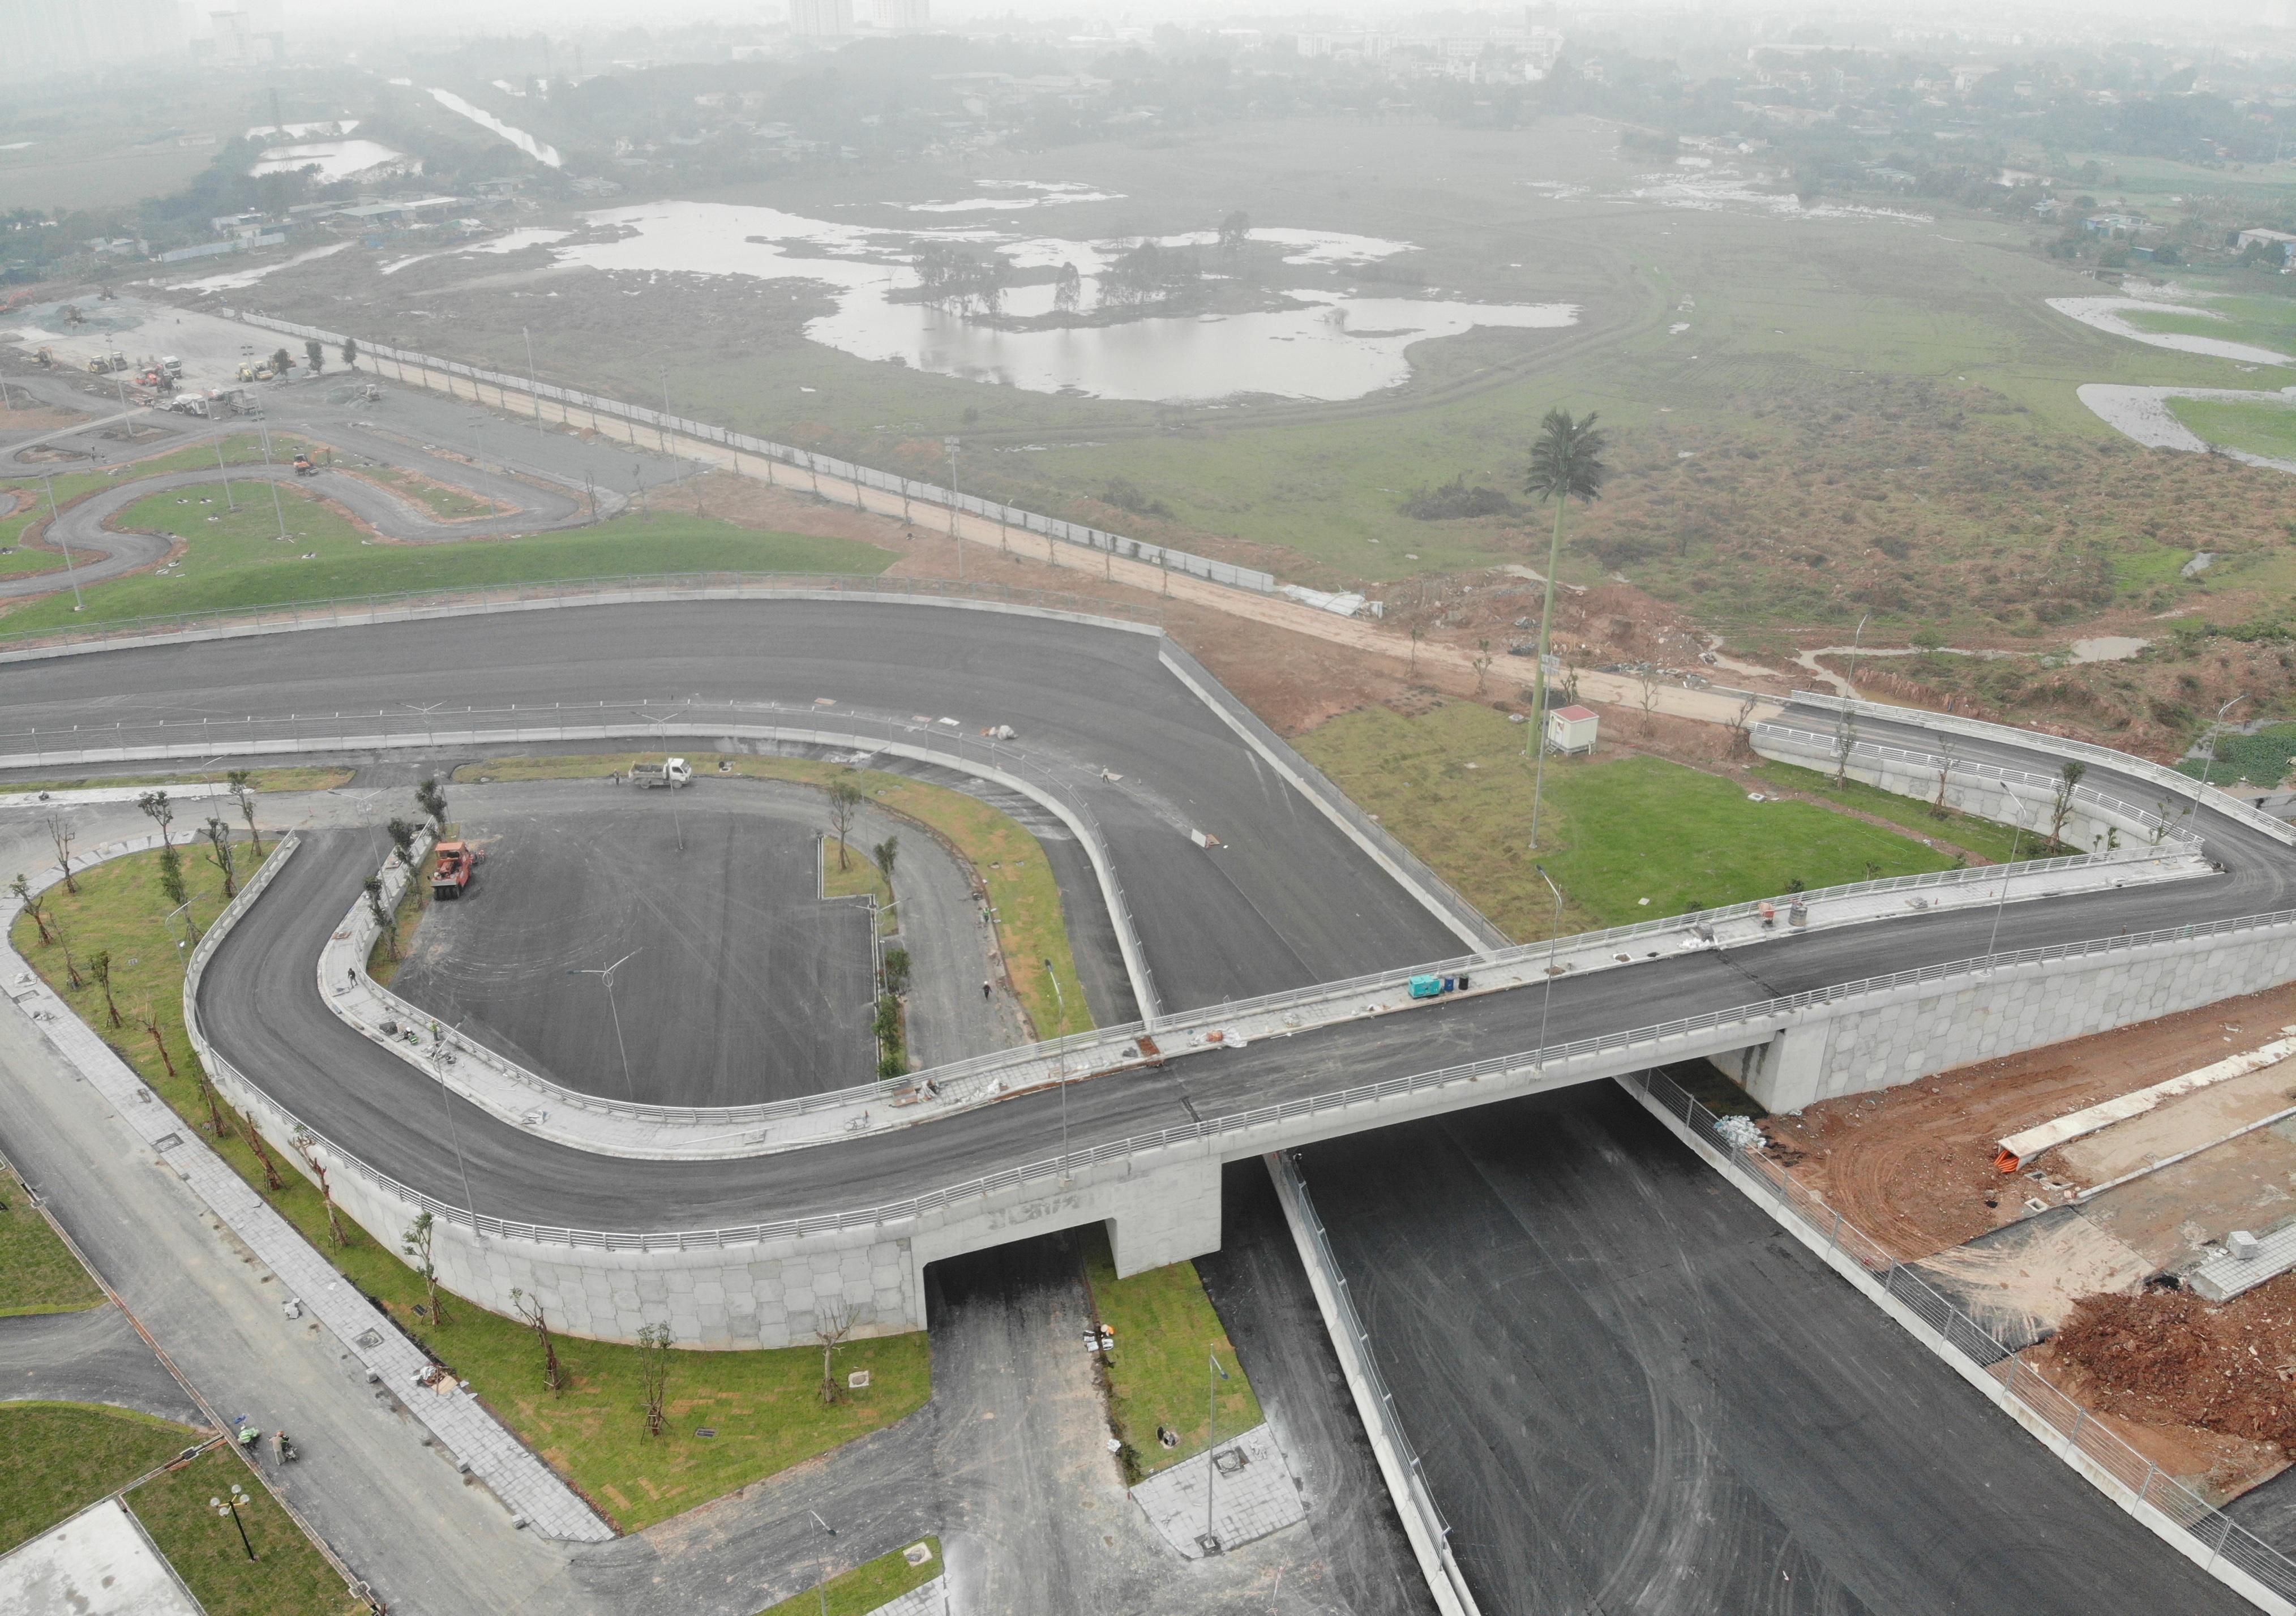 Đường đua F1 ở Hà Nội giờ ra sao khi sắp đến ngày khởi tranh? - 14